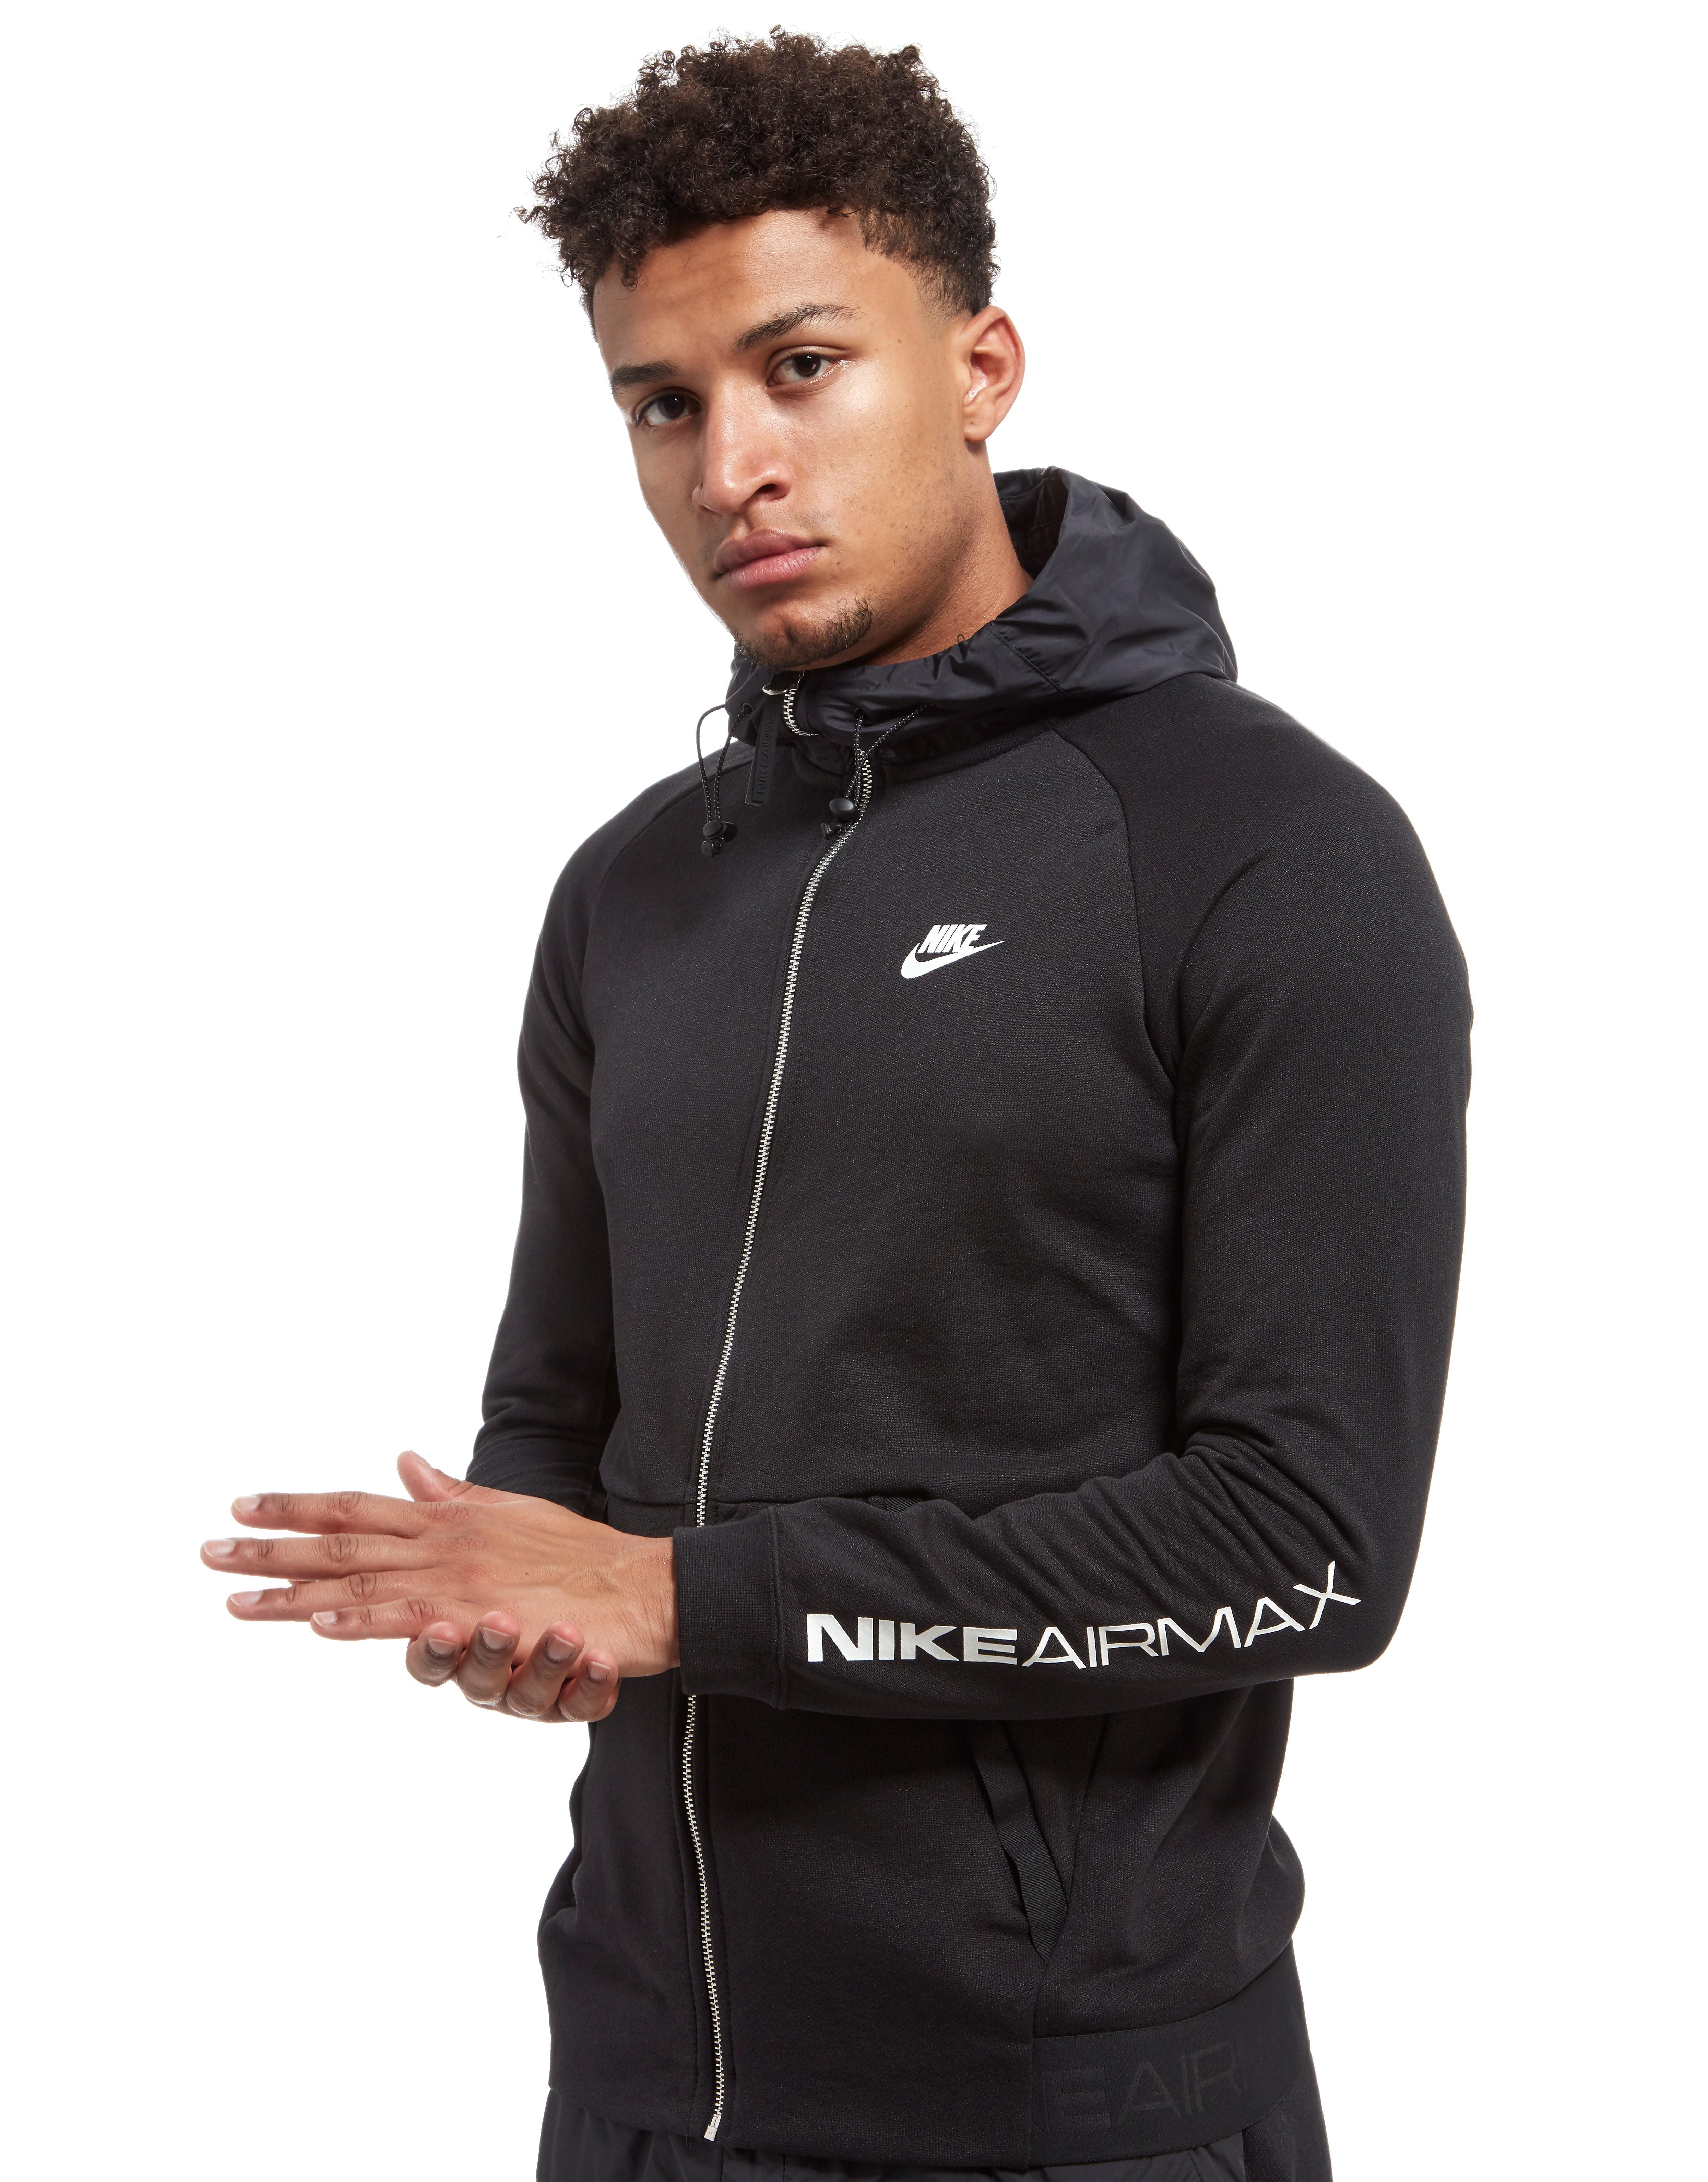 Nike chaqueta con capucha Air Max FT